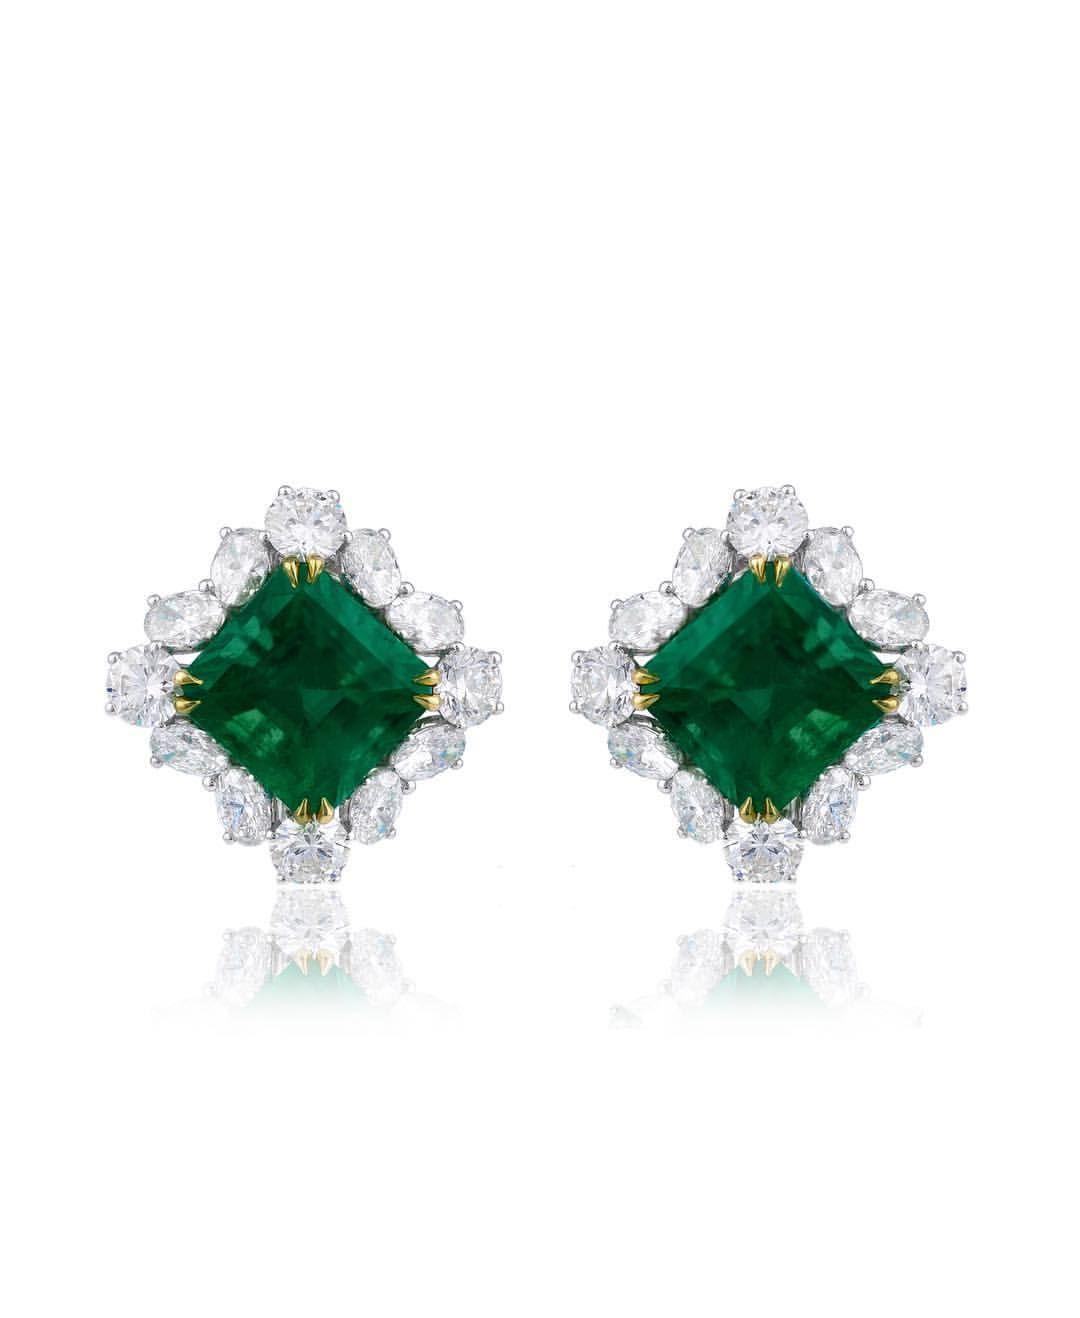 67404240f Joseph Gad Emeralds. Minor Oil Colombian Emerald & Round Diamond Earrings.  #BestEmeraldsInTheWorld #FineJewellery #FineGems